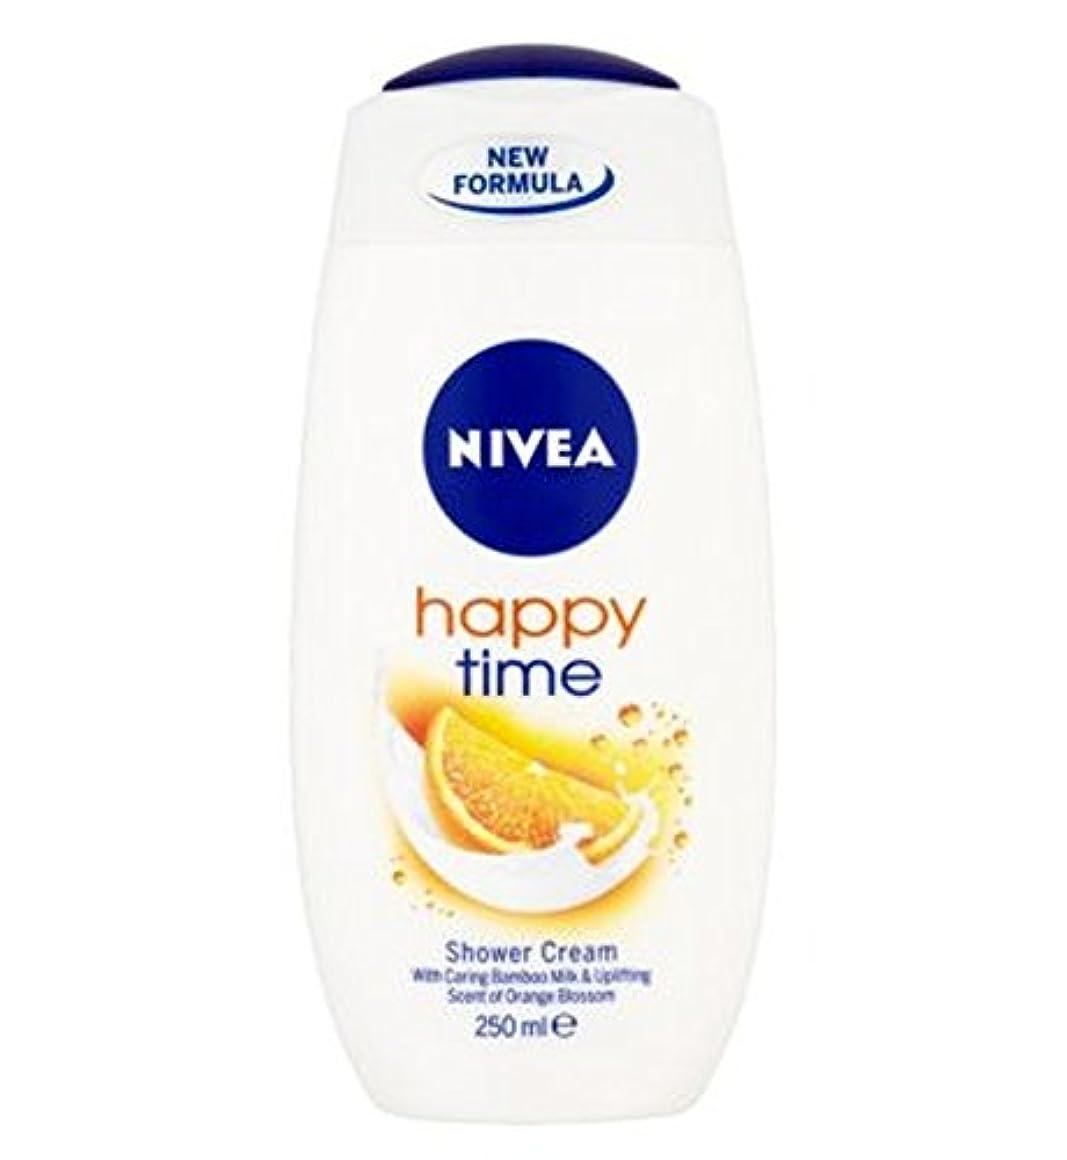 インディカあなたが良くなります彫刻ニベア幸せな時間シャワークリーム250ミリリットル (Nivea) (x2) - NIVEA Happy Time Shower Cream 250ml (Pack of 2) [並行輸入品]